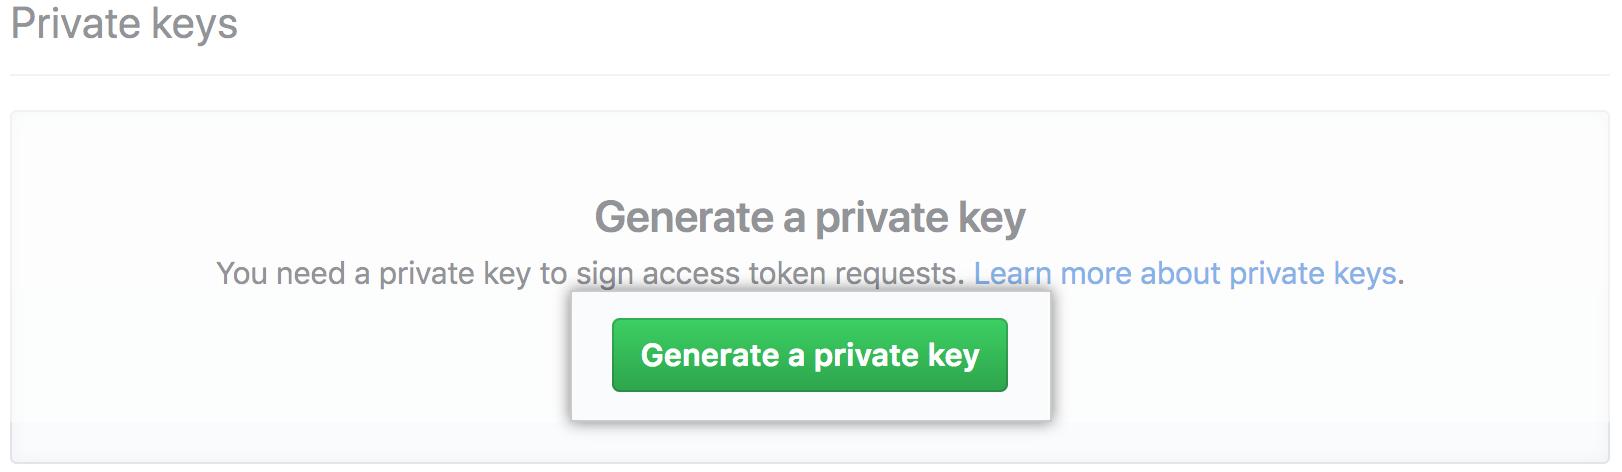 Generate private key